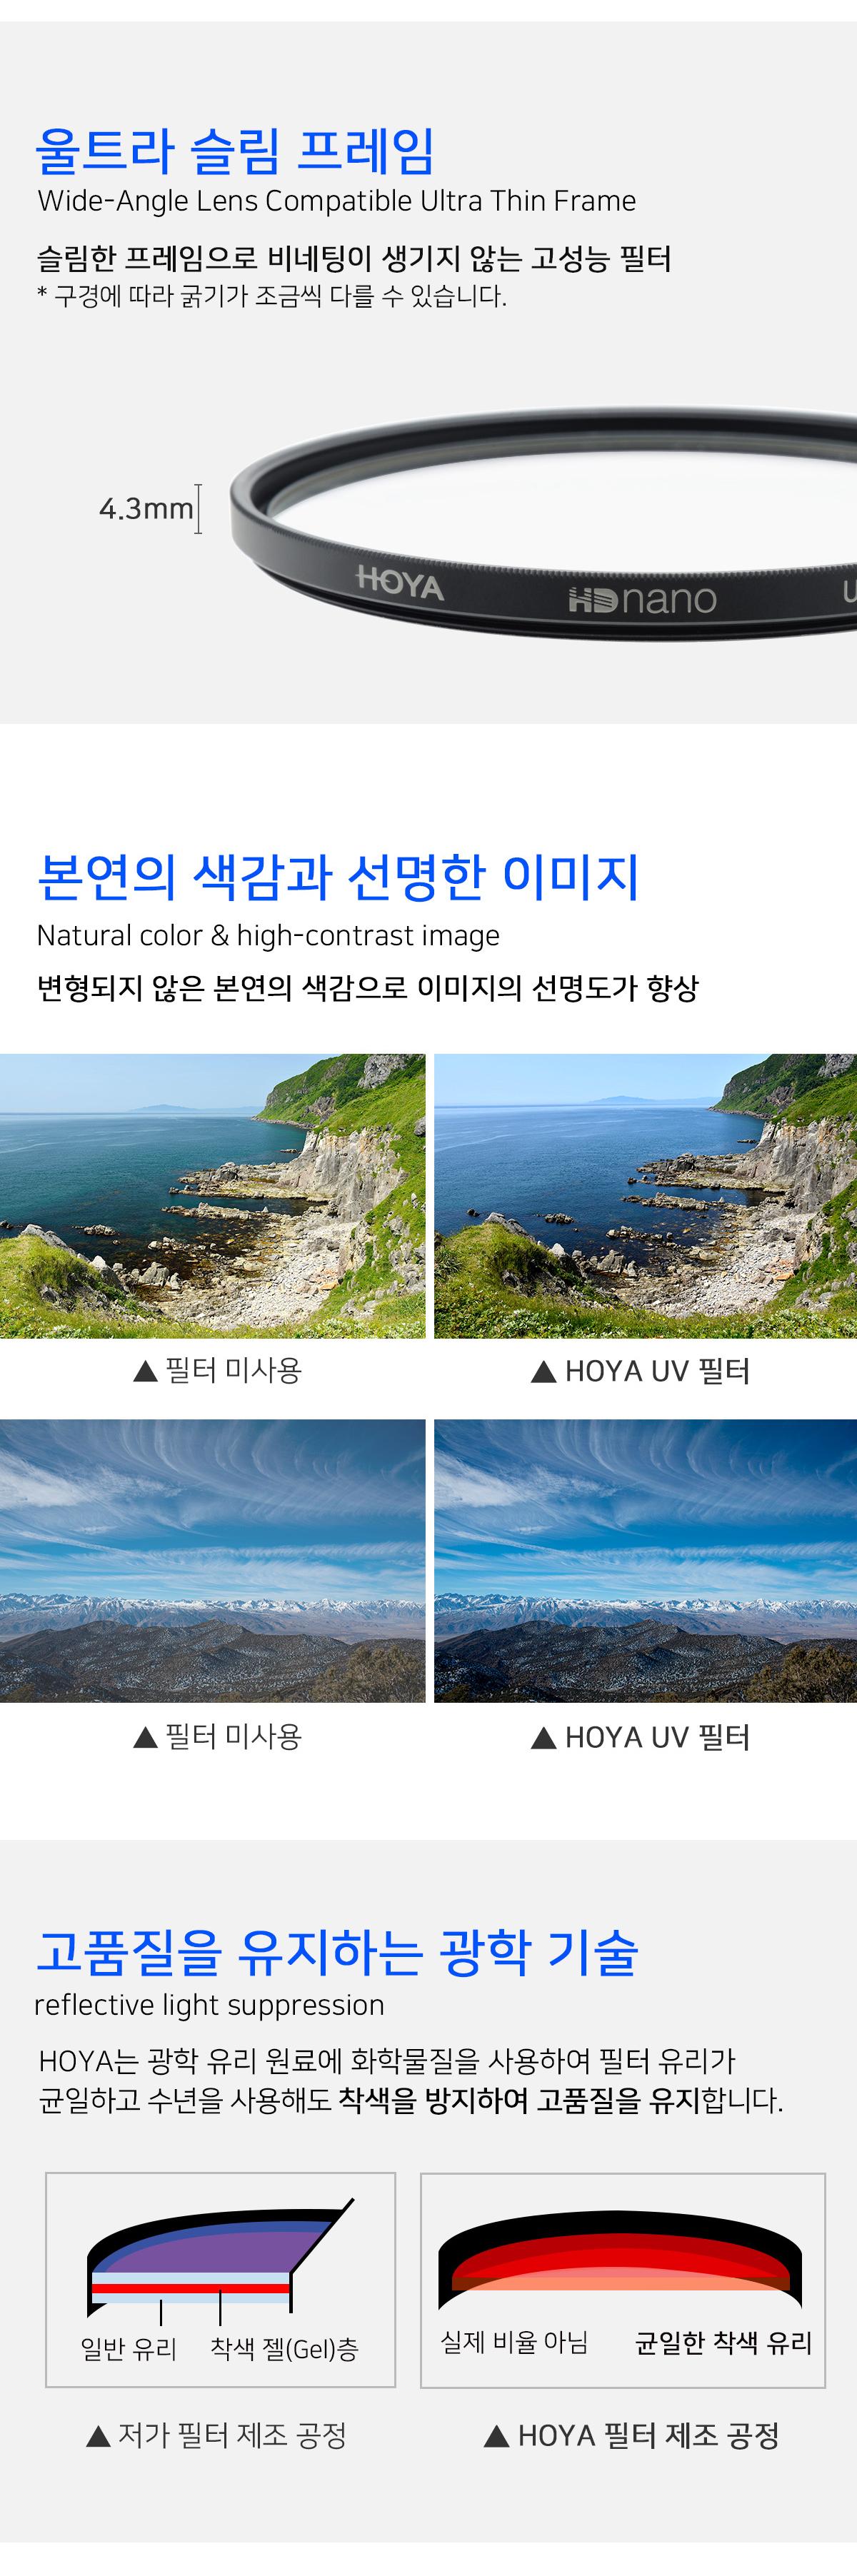 HD_NANO_03.jpg